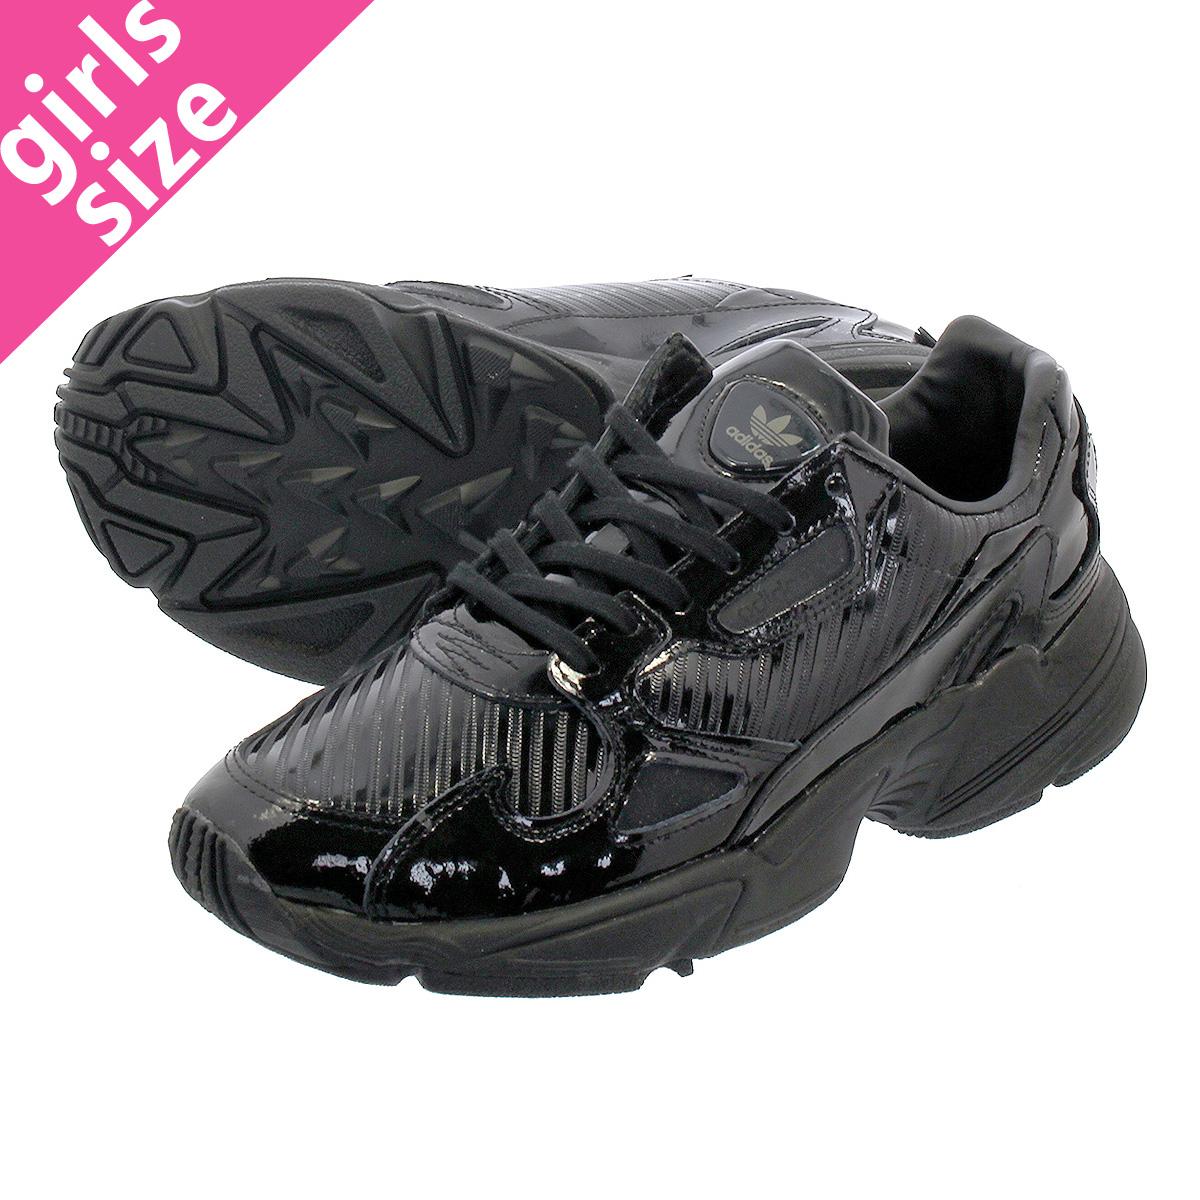 【大人気の女の子サイズ♪】 adidas ADIDASFALCON W アディダス アディダスファルコン ウィメンズ CORE BLACK/CORE BLACK/COLLEGE PURPLE cg6248